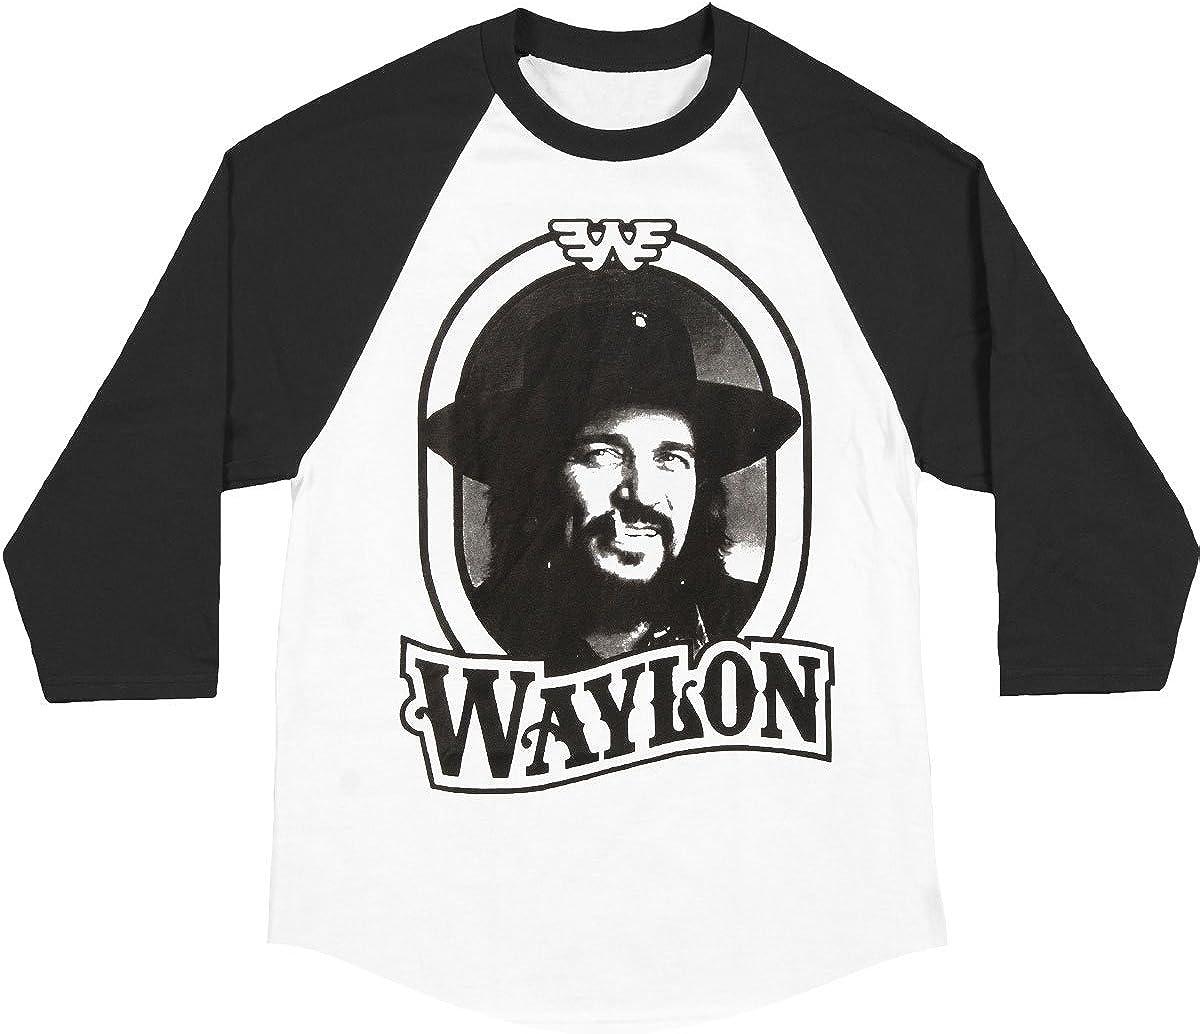 Waylon Jennings Men's Tour 79 safety Jersey shopping Raglan Baseball White